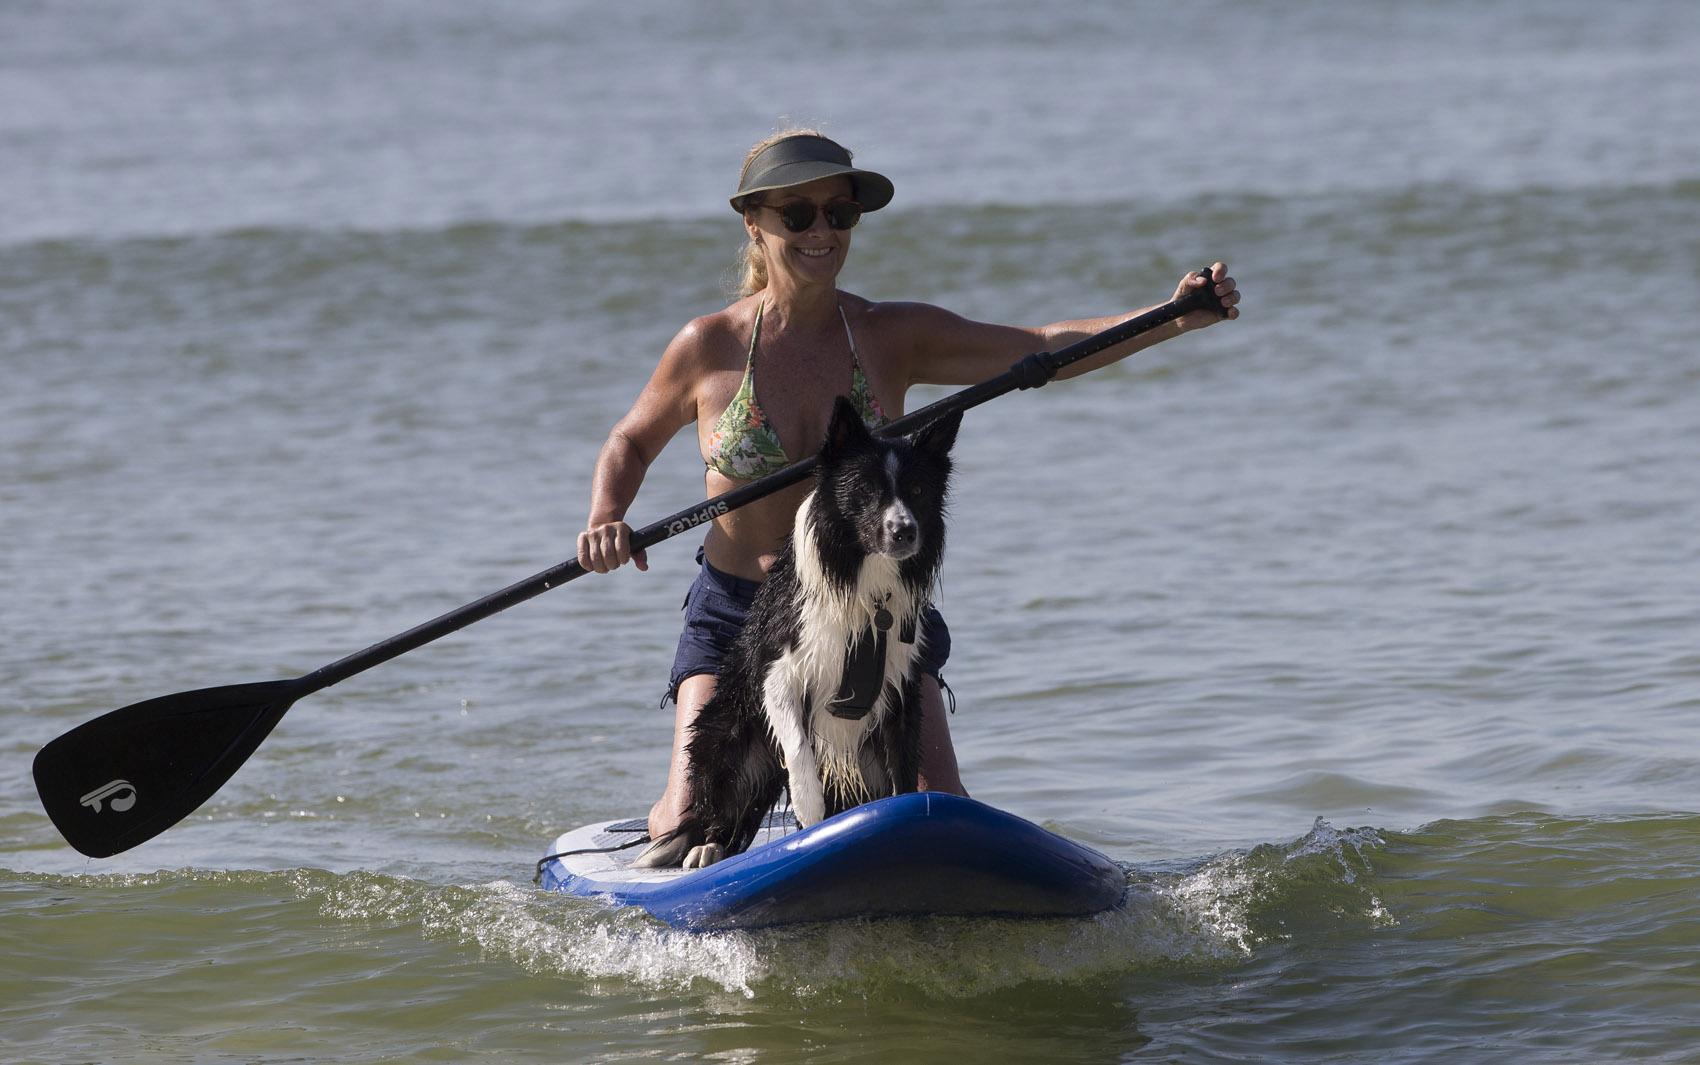 Bia Leal e seu cachorro Ozzy praticam stand-up paddle em praia no Rio de Janeiro.